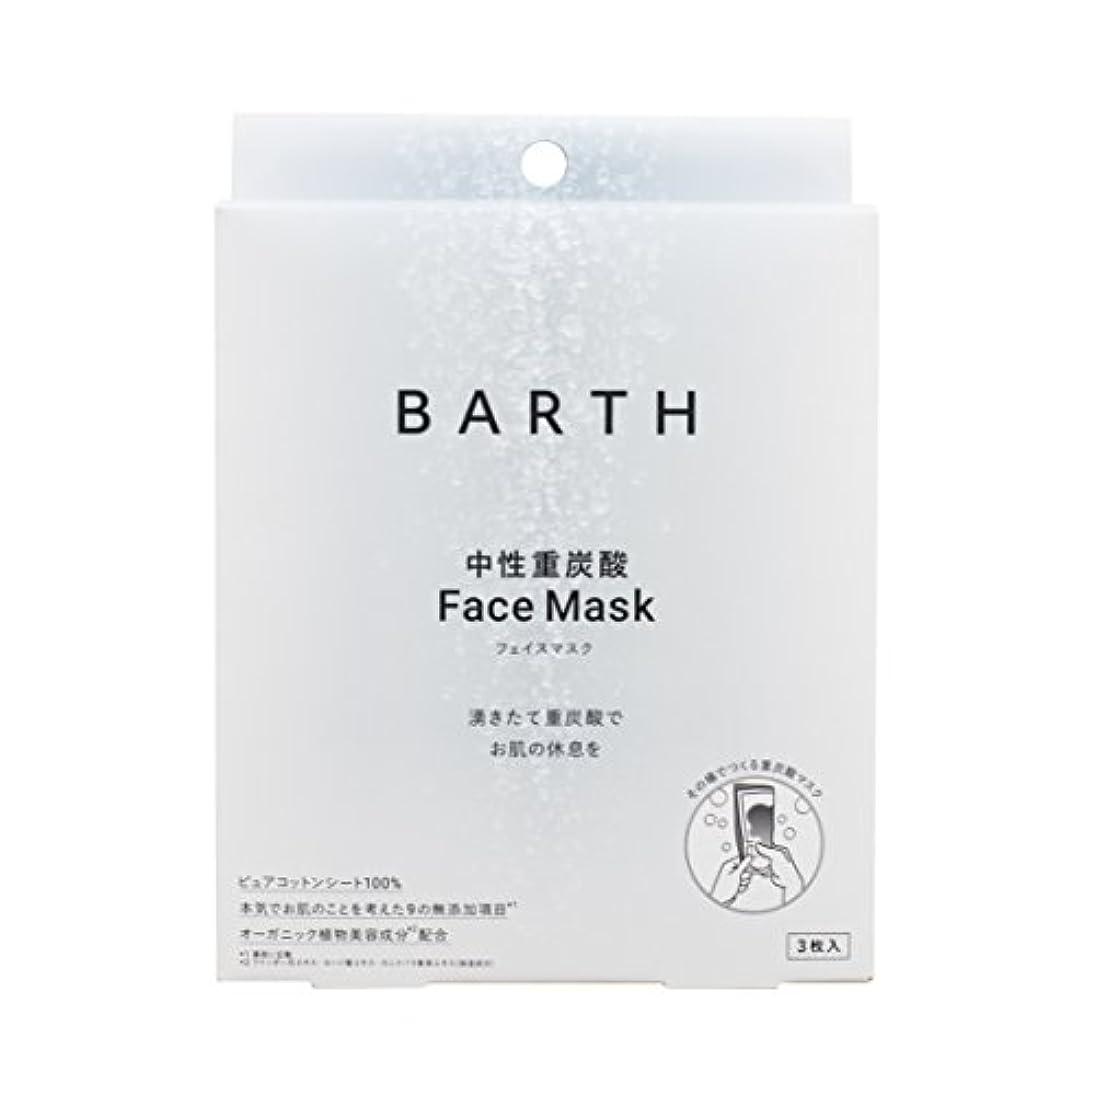 強度政権開発BARTH【バース】 中性 重炭酸 フェイスマスク (無添加 日本製 ピュアコットン 100% オーガニック植物美容成分3種入り) (3包入り)